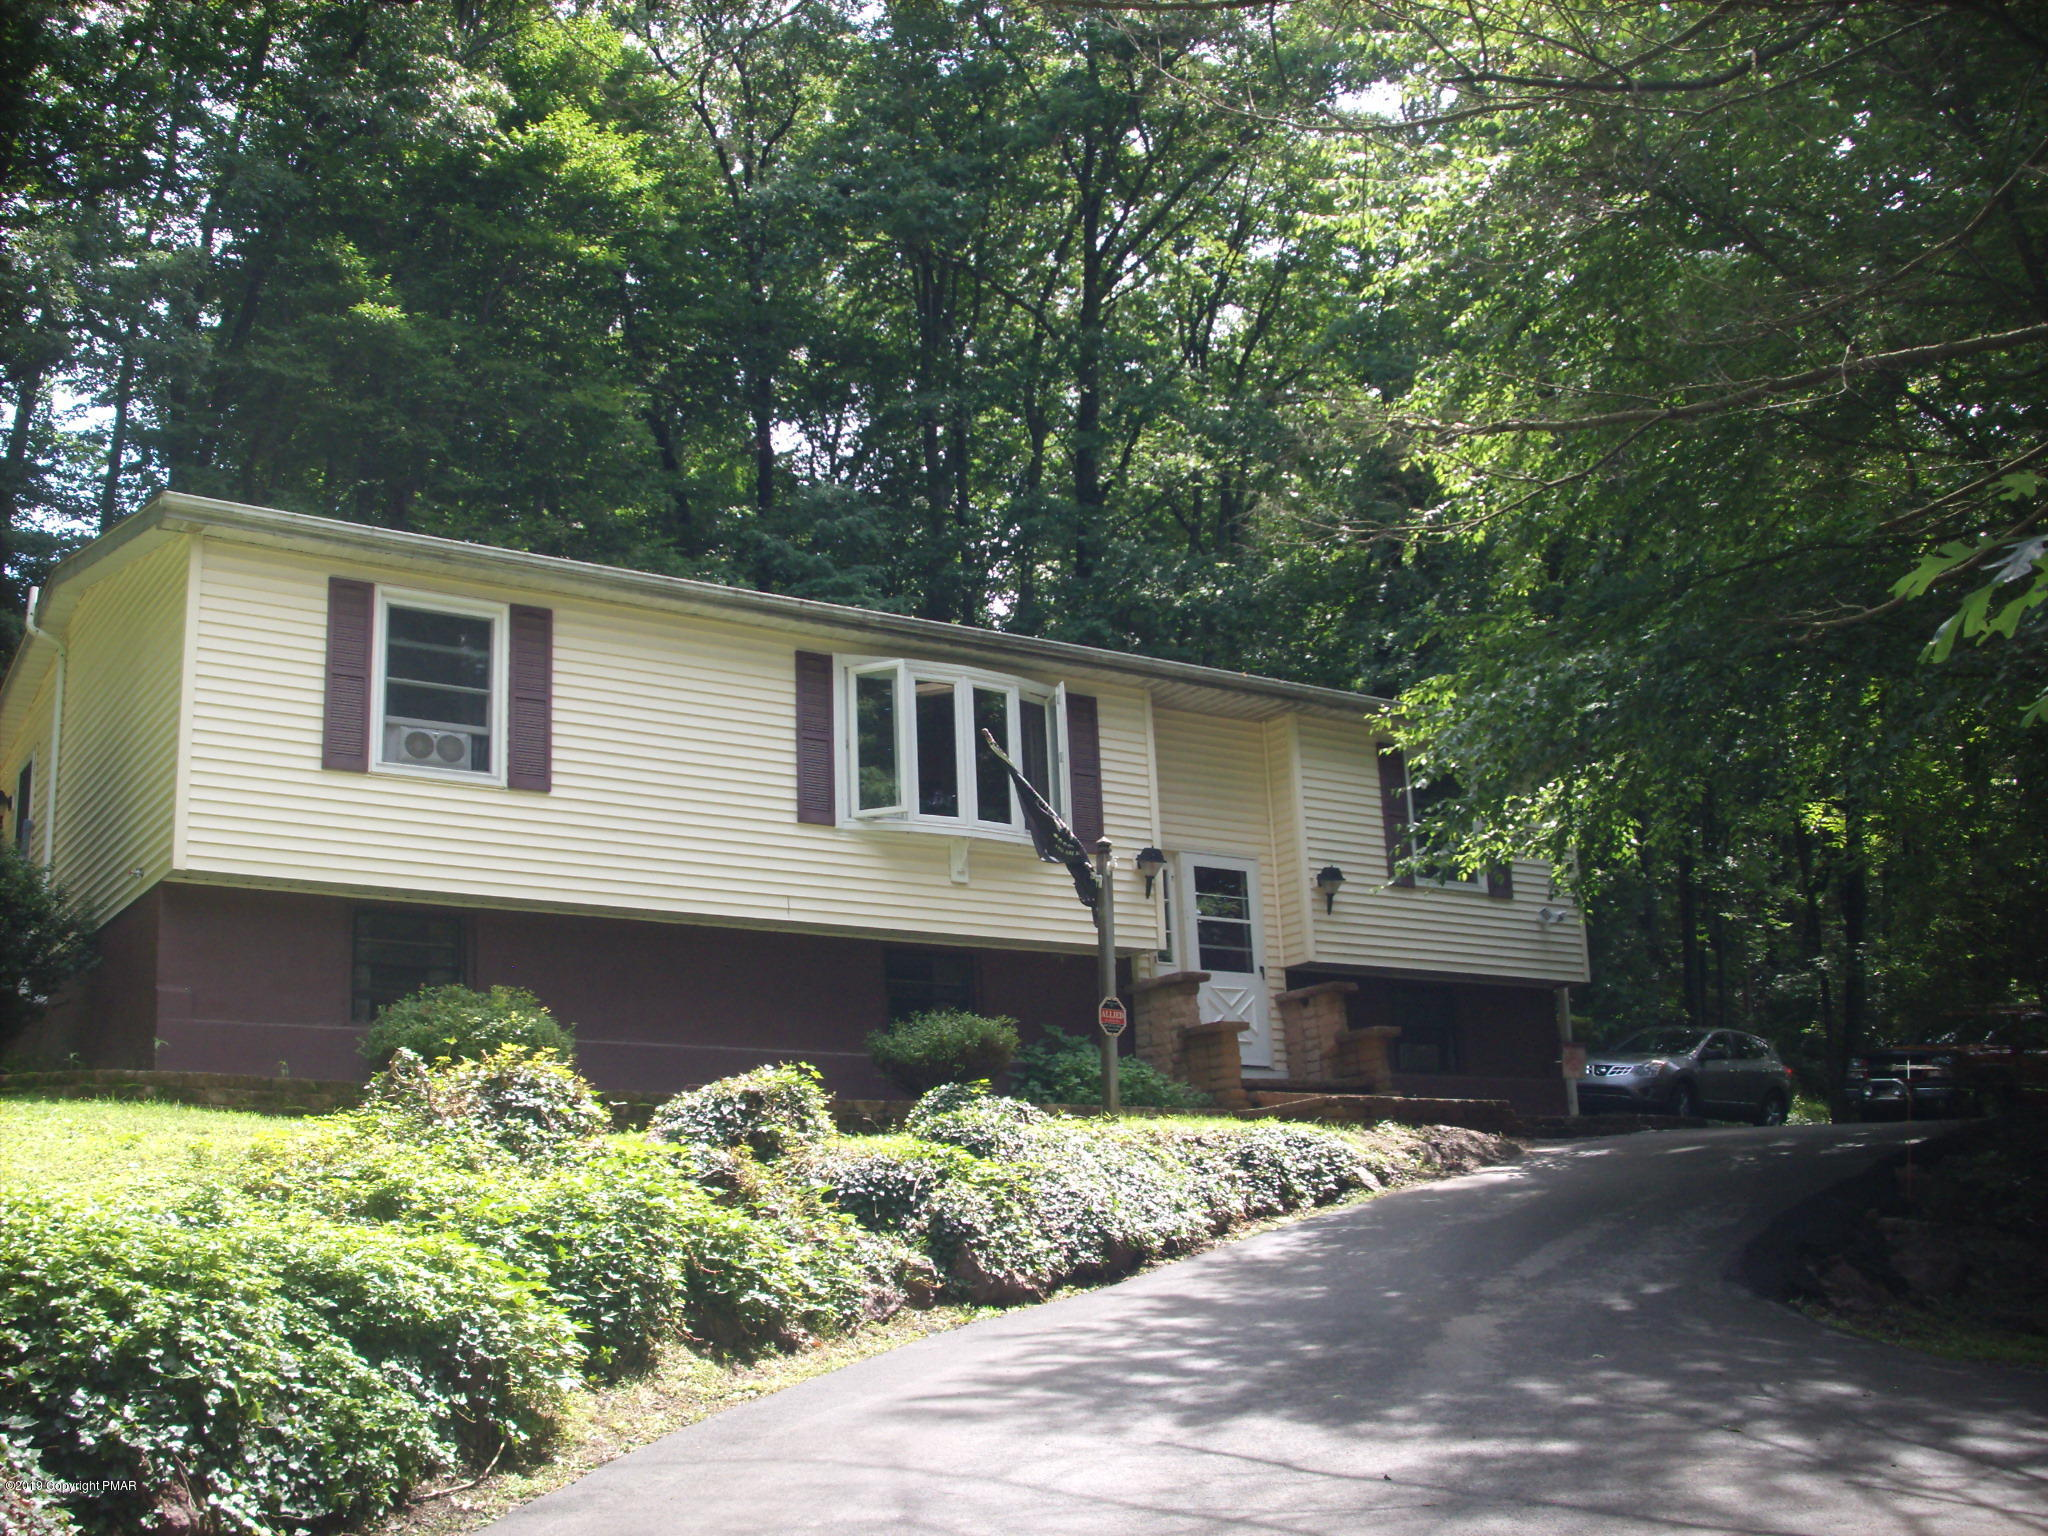 137 W Hills Dr, Stroudsburg, PA 18360